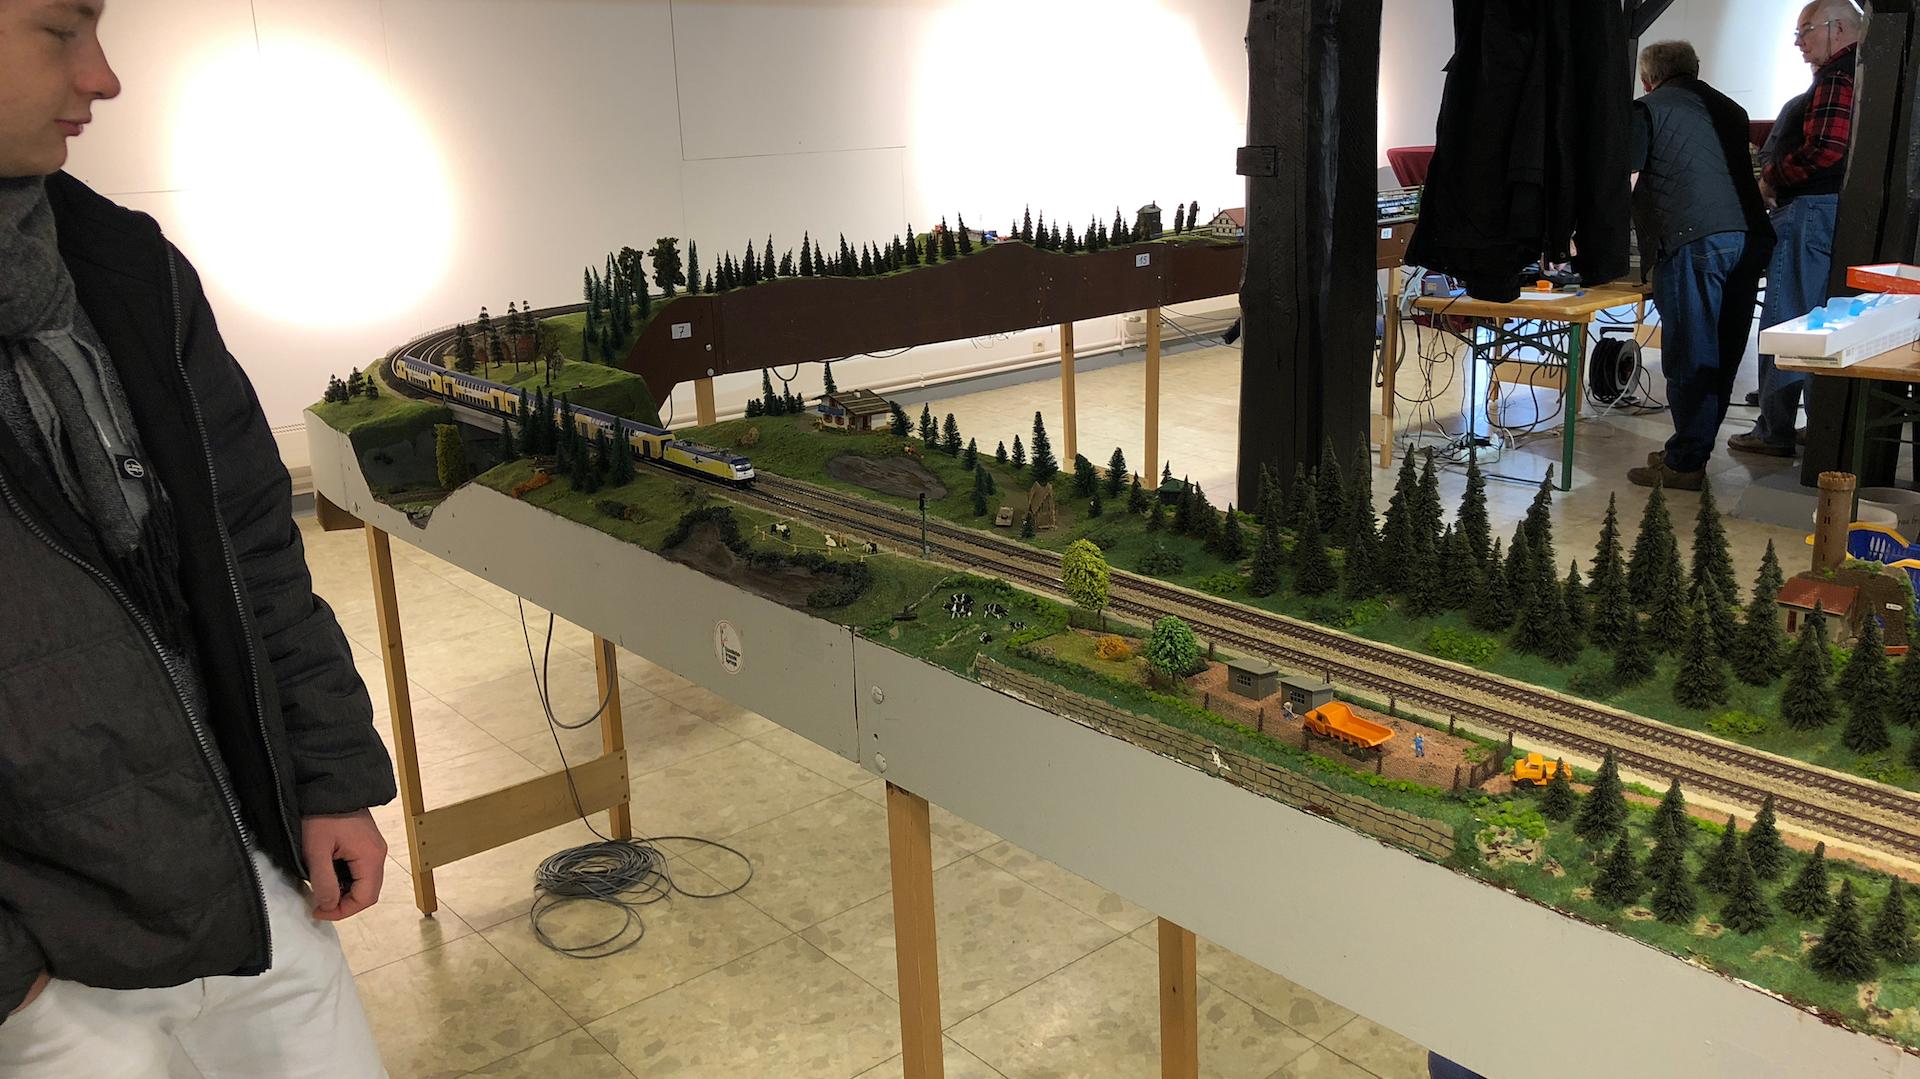 18_01_06_Besuch-Eisenbahnausstellung-Springe_004